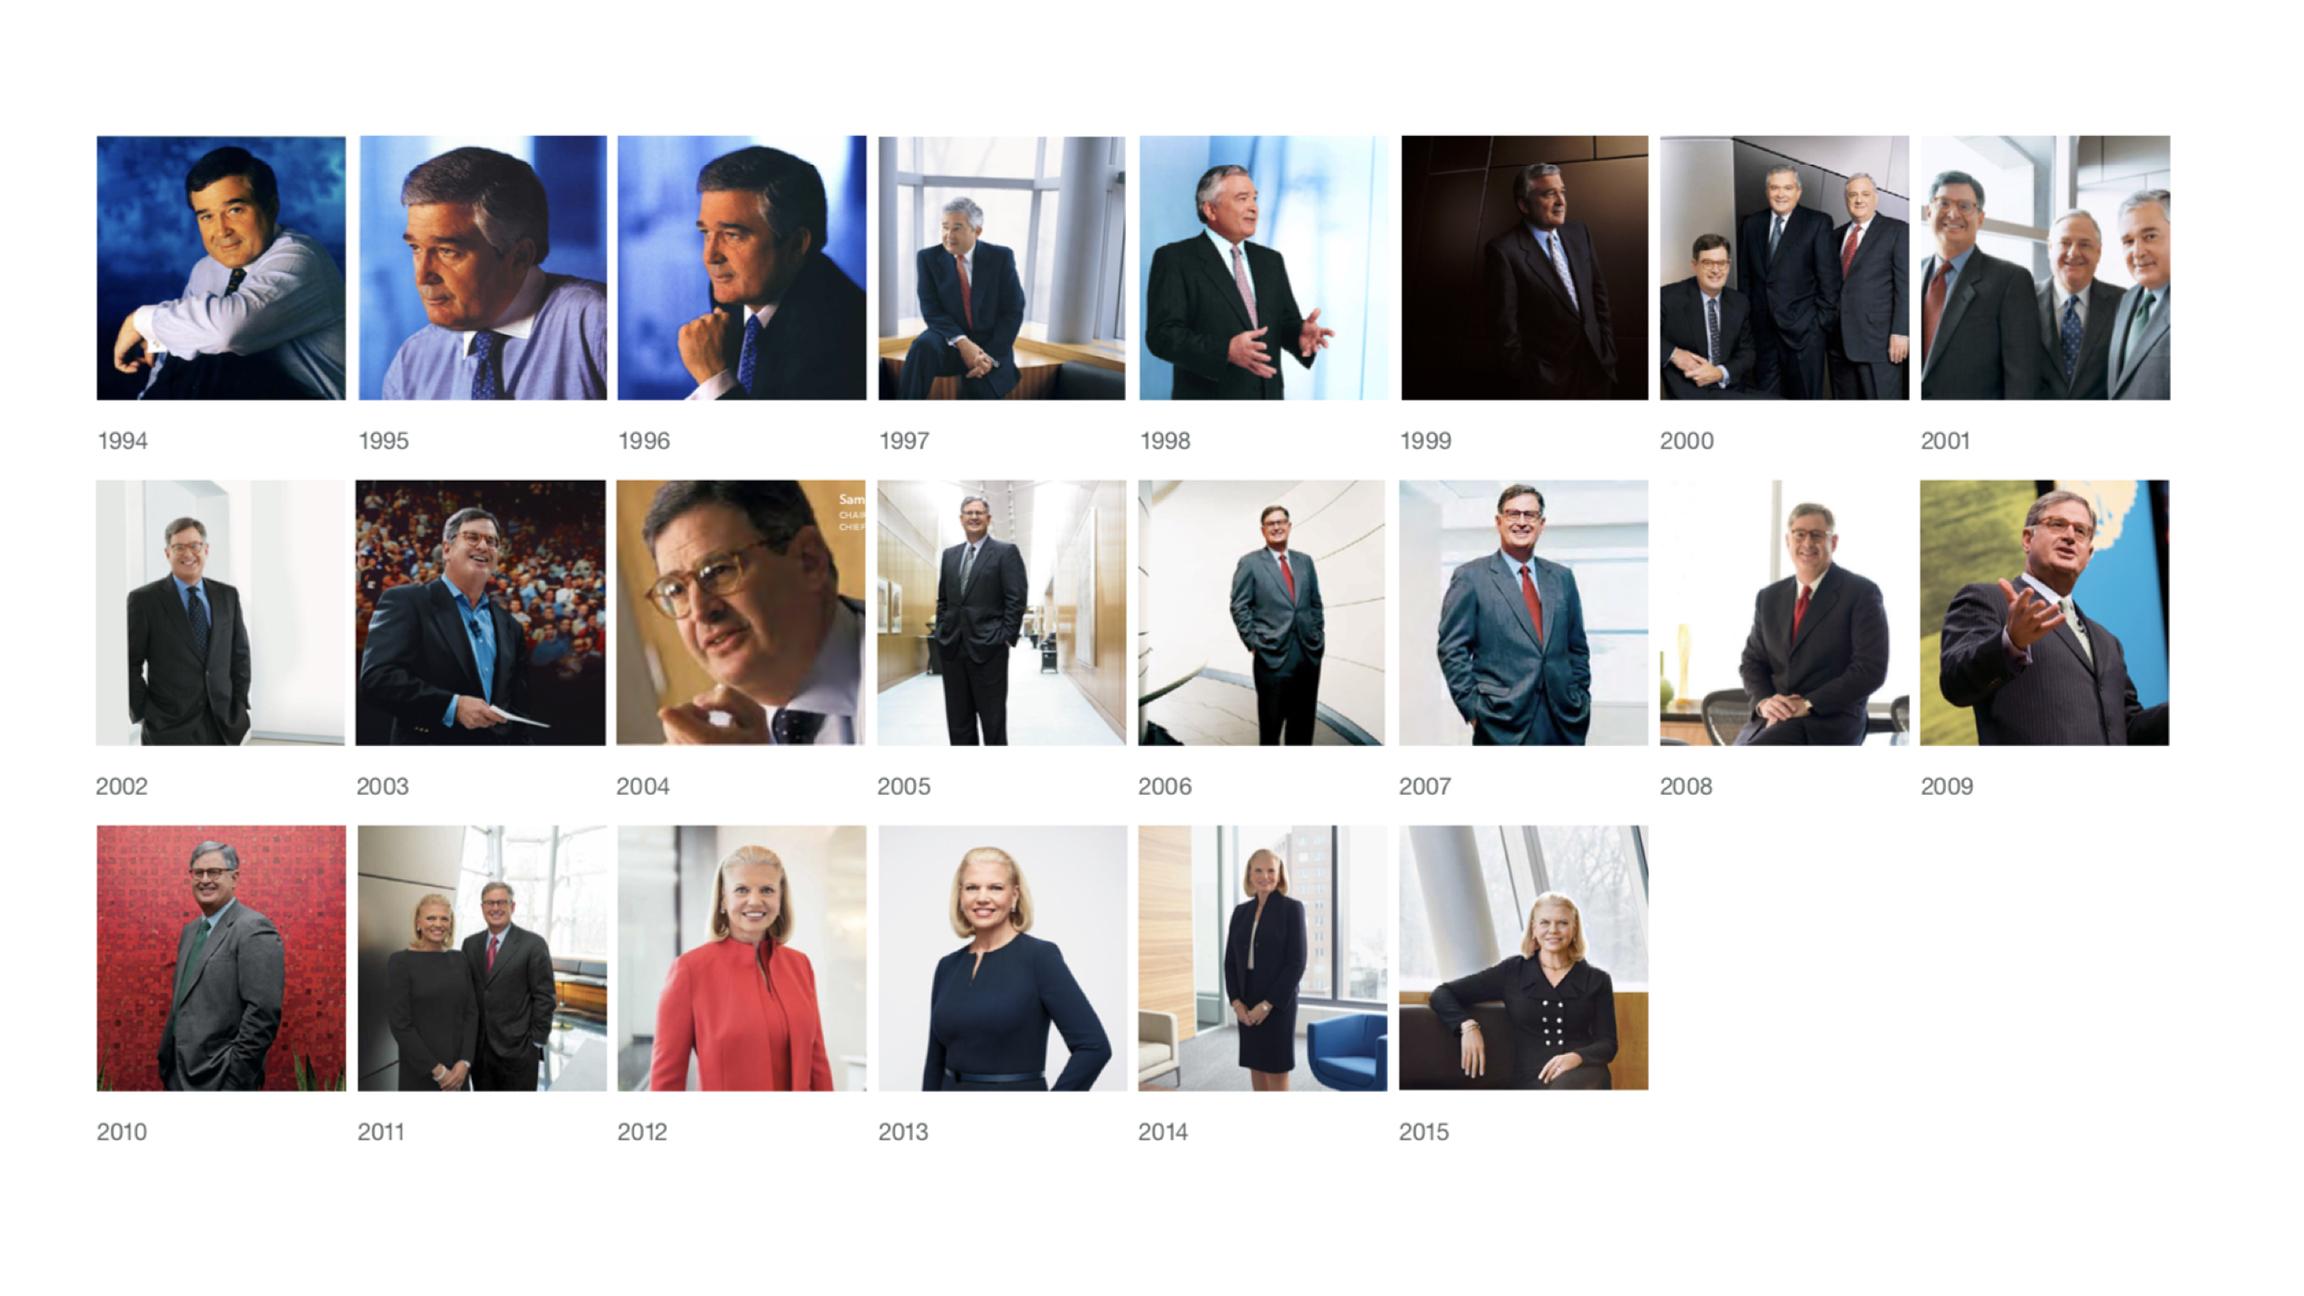 IBM-CEOportraitstudy